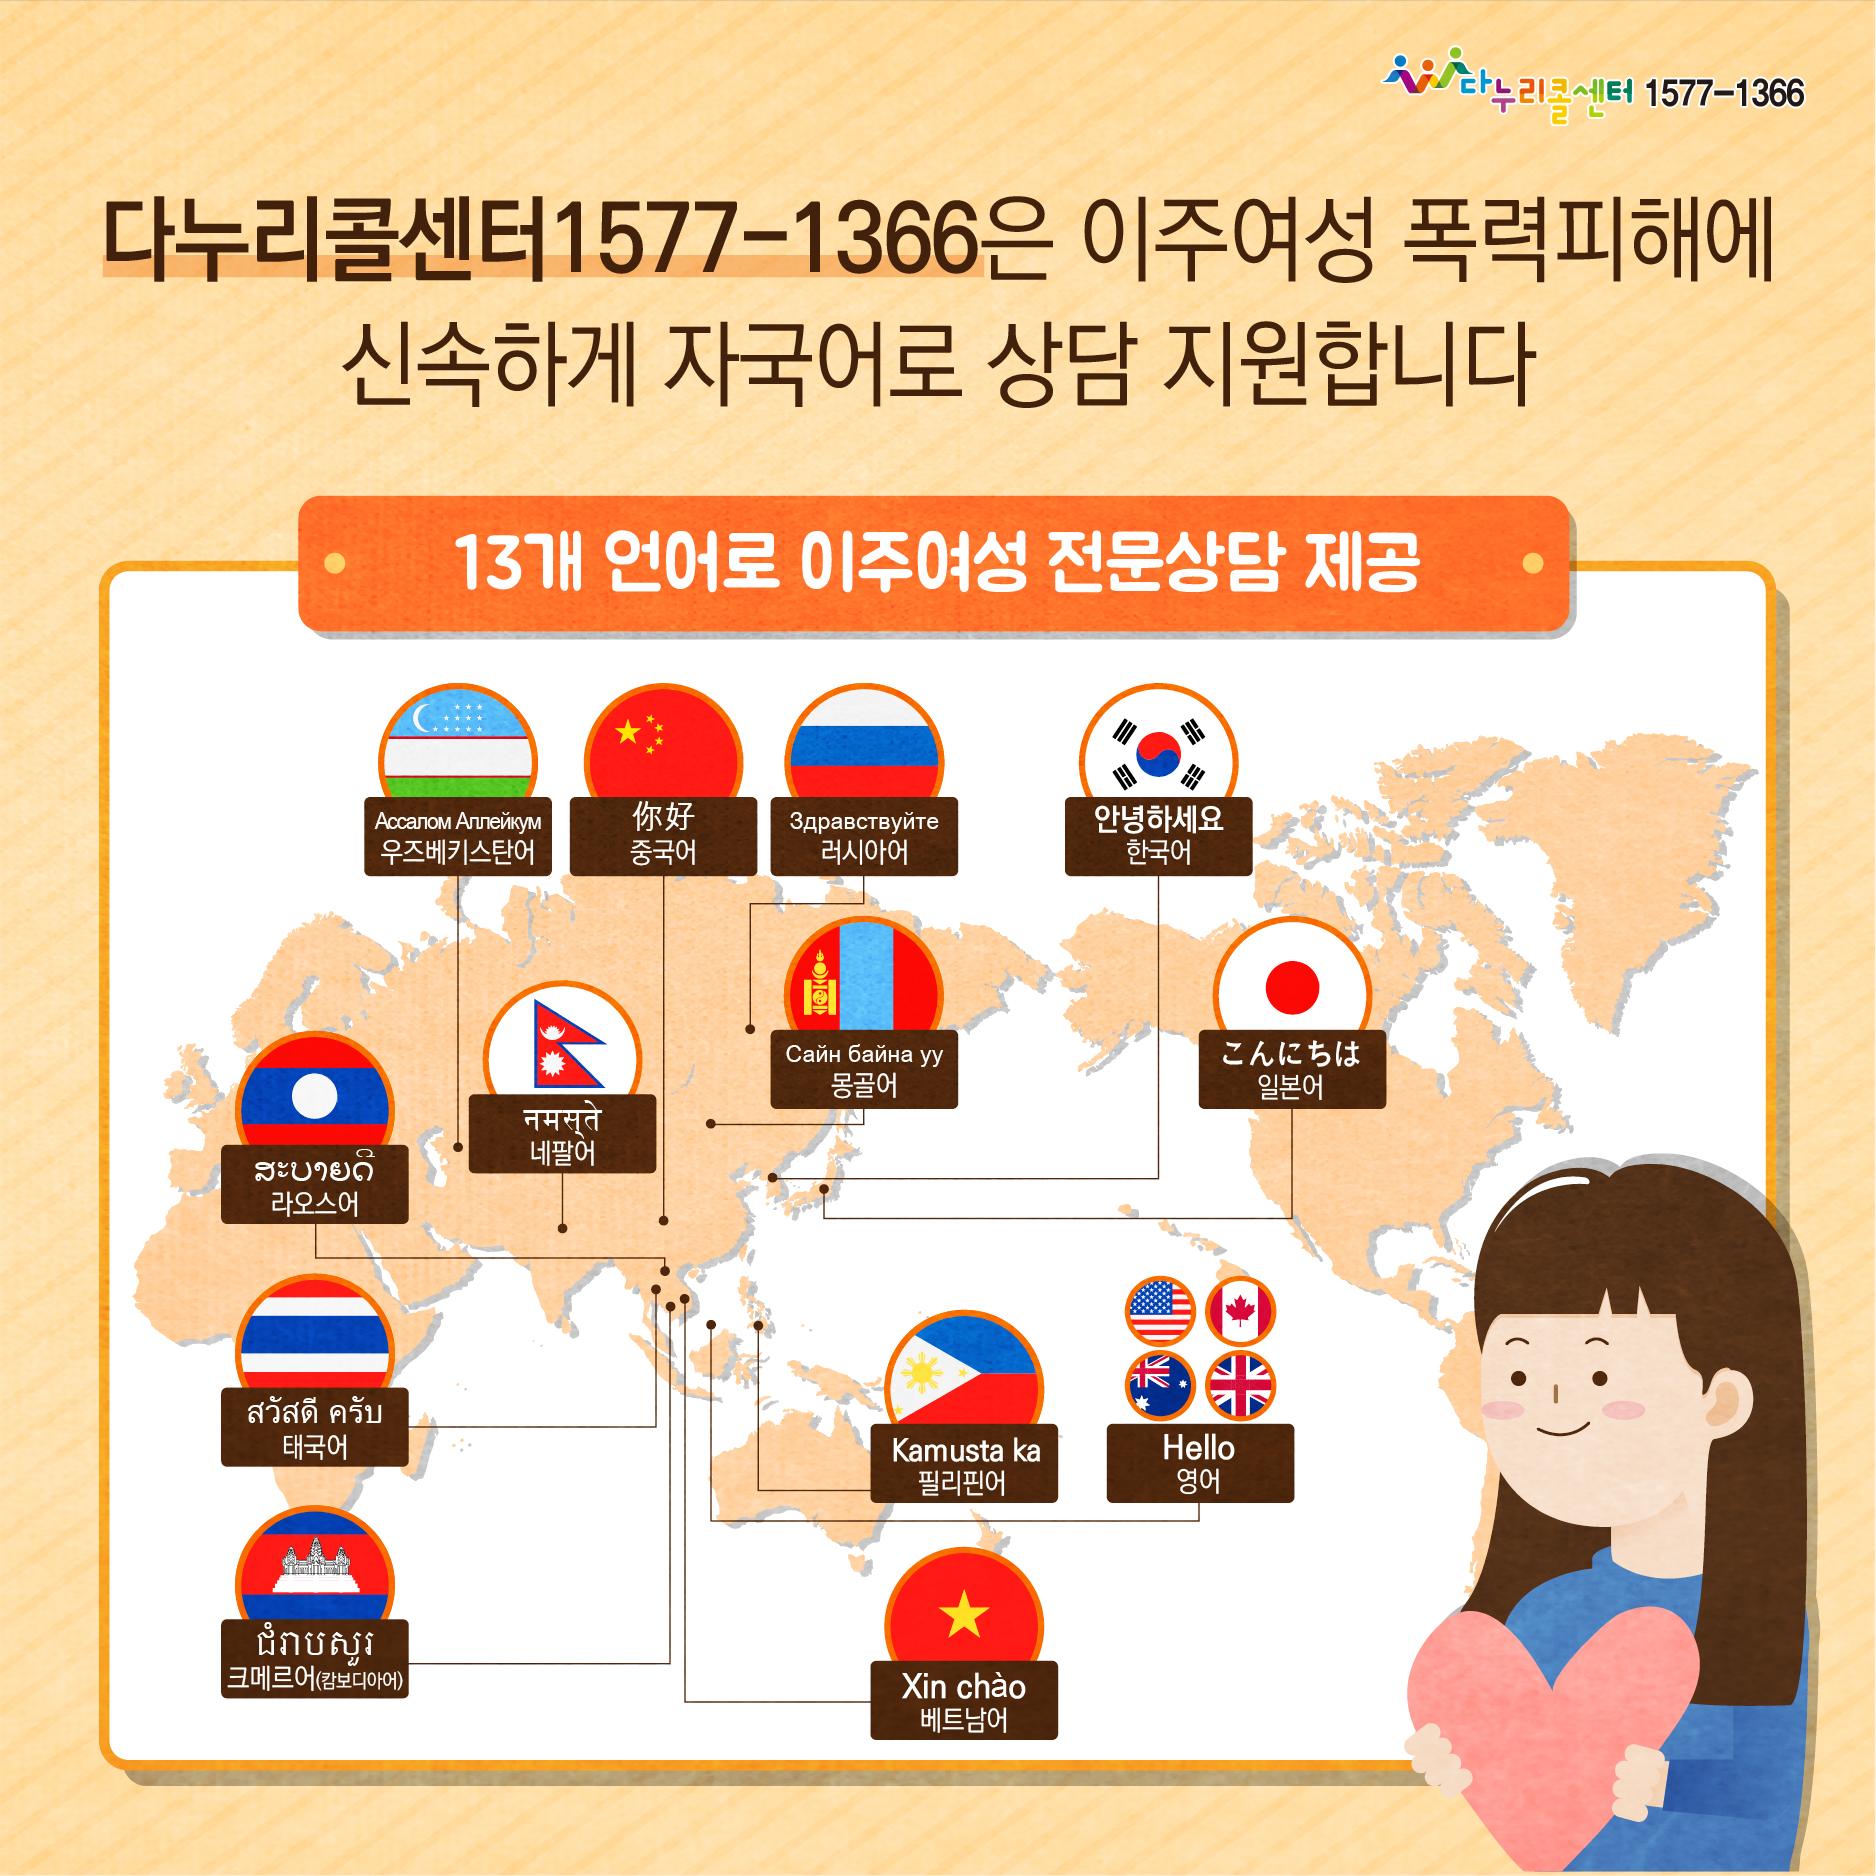 [카드뉴스] 다누리콜센터1577-1366 이주여성 폭력피해 긴급지원 안내(한국어)_4